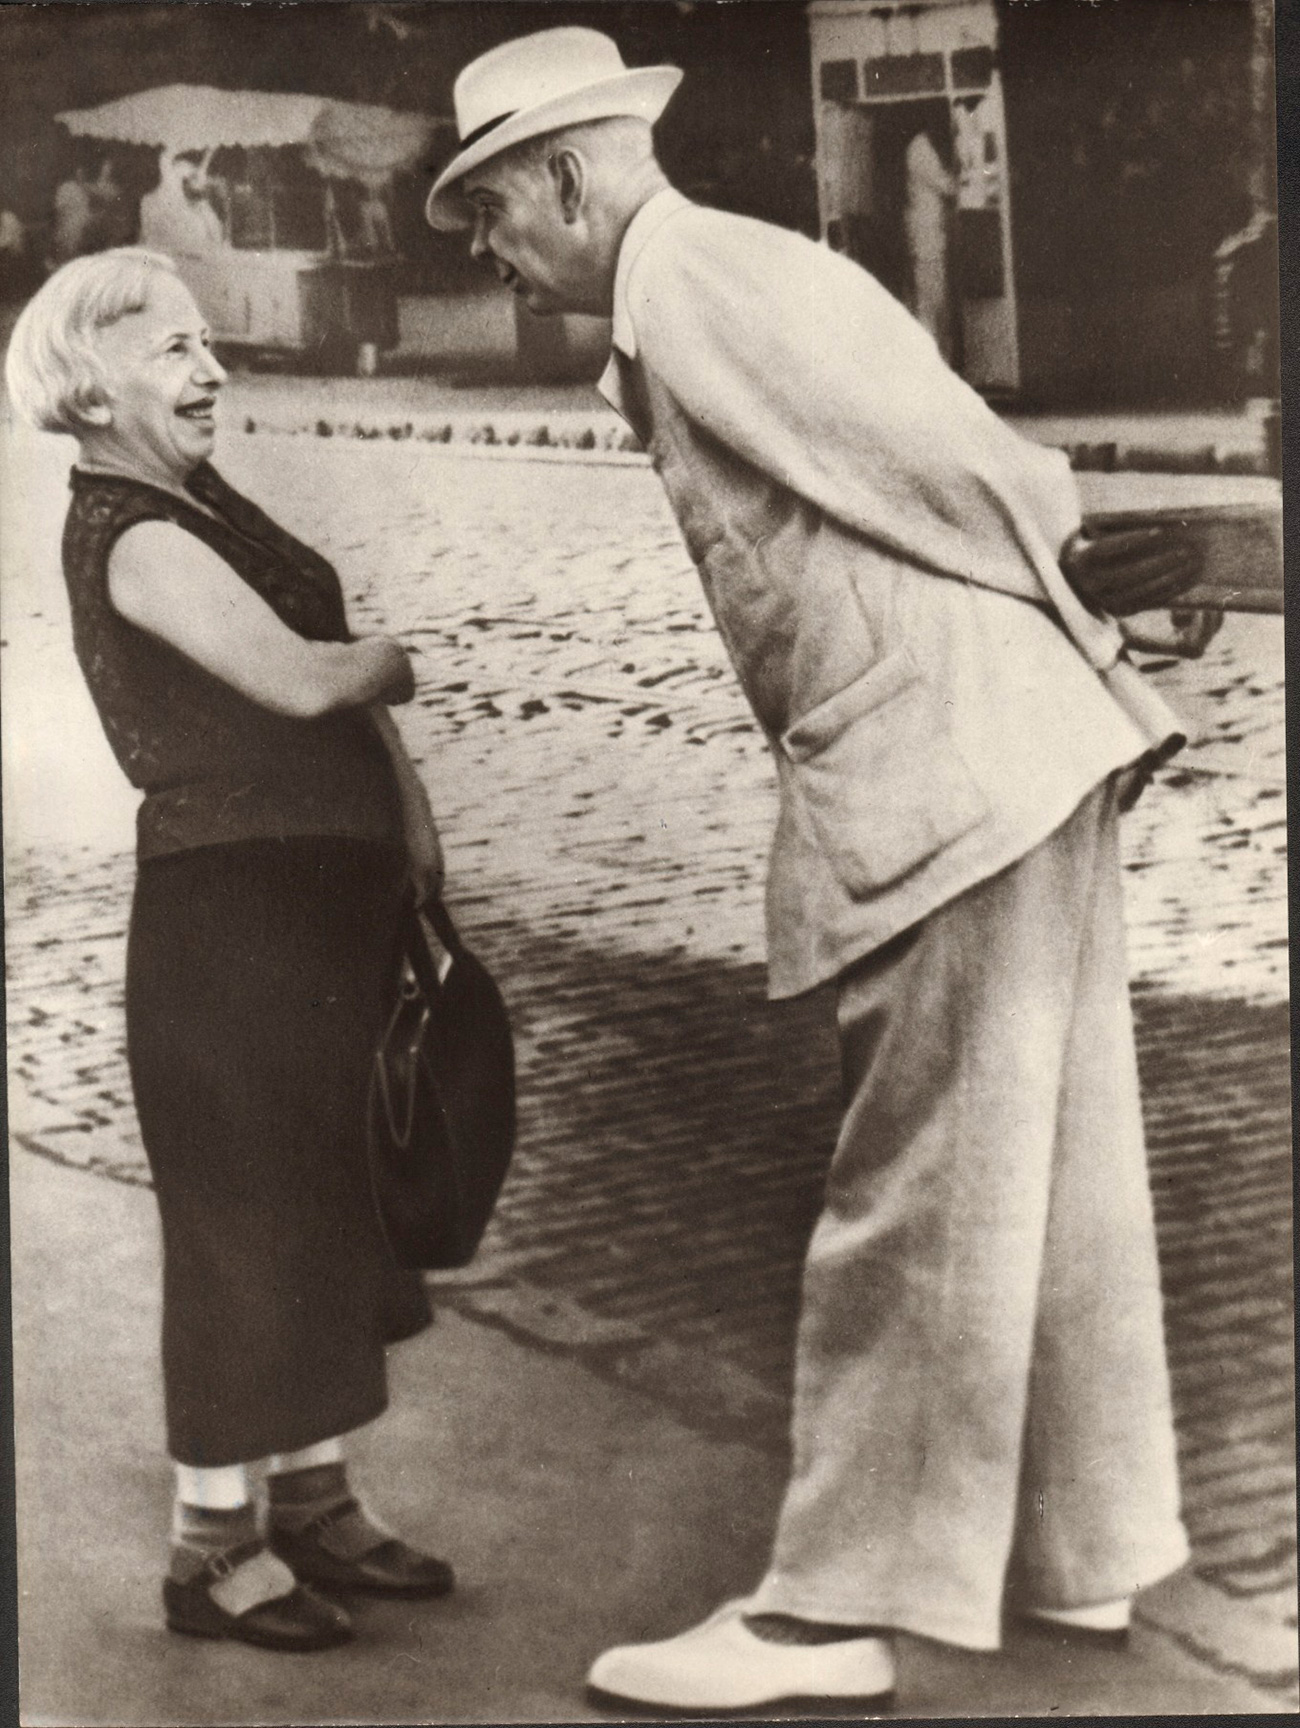 """""""Hoje, essas fotografias se tornaram uma referência valiosa para conhecermos como era representação interna na URSS, uma sociedade que desapareceu rapidamente com a dissolução do regime e que, após os eventos de 1991 e 1992 e nos anos seguintes, até cerca de 2000, destituiu-se rapidamente de seu passado recente, especialmente no estilo de vida, e nas memórias pessoais transmitidas às novas gerações"""", diz Bertelli."""